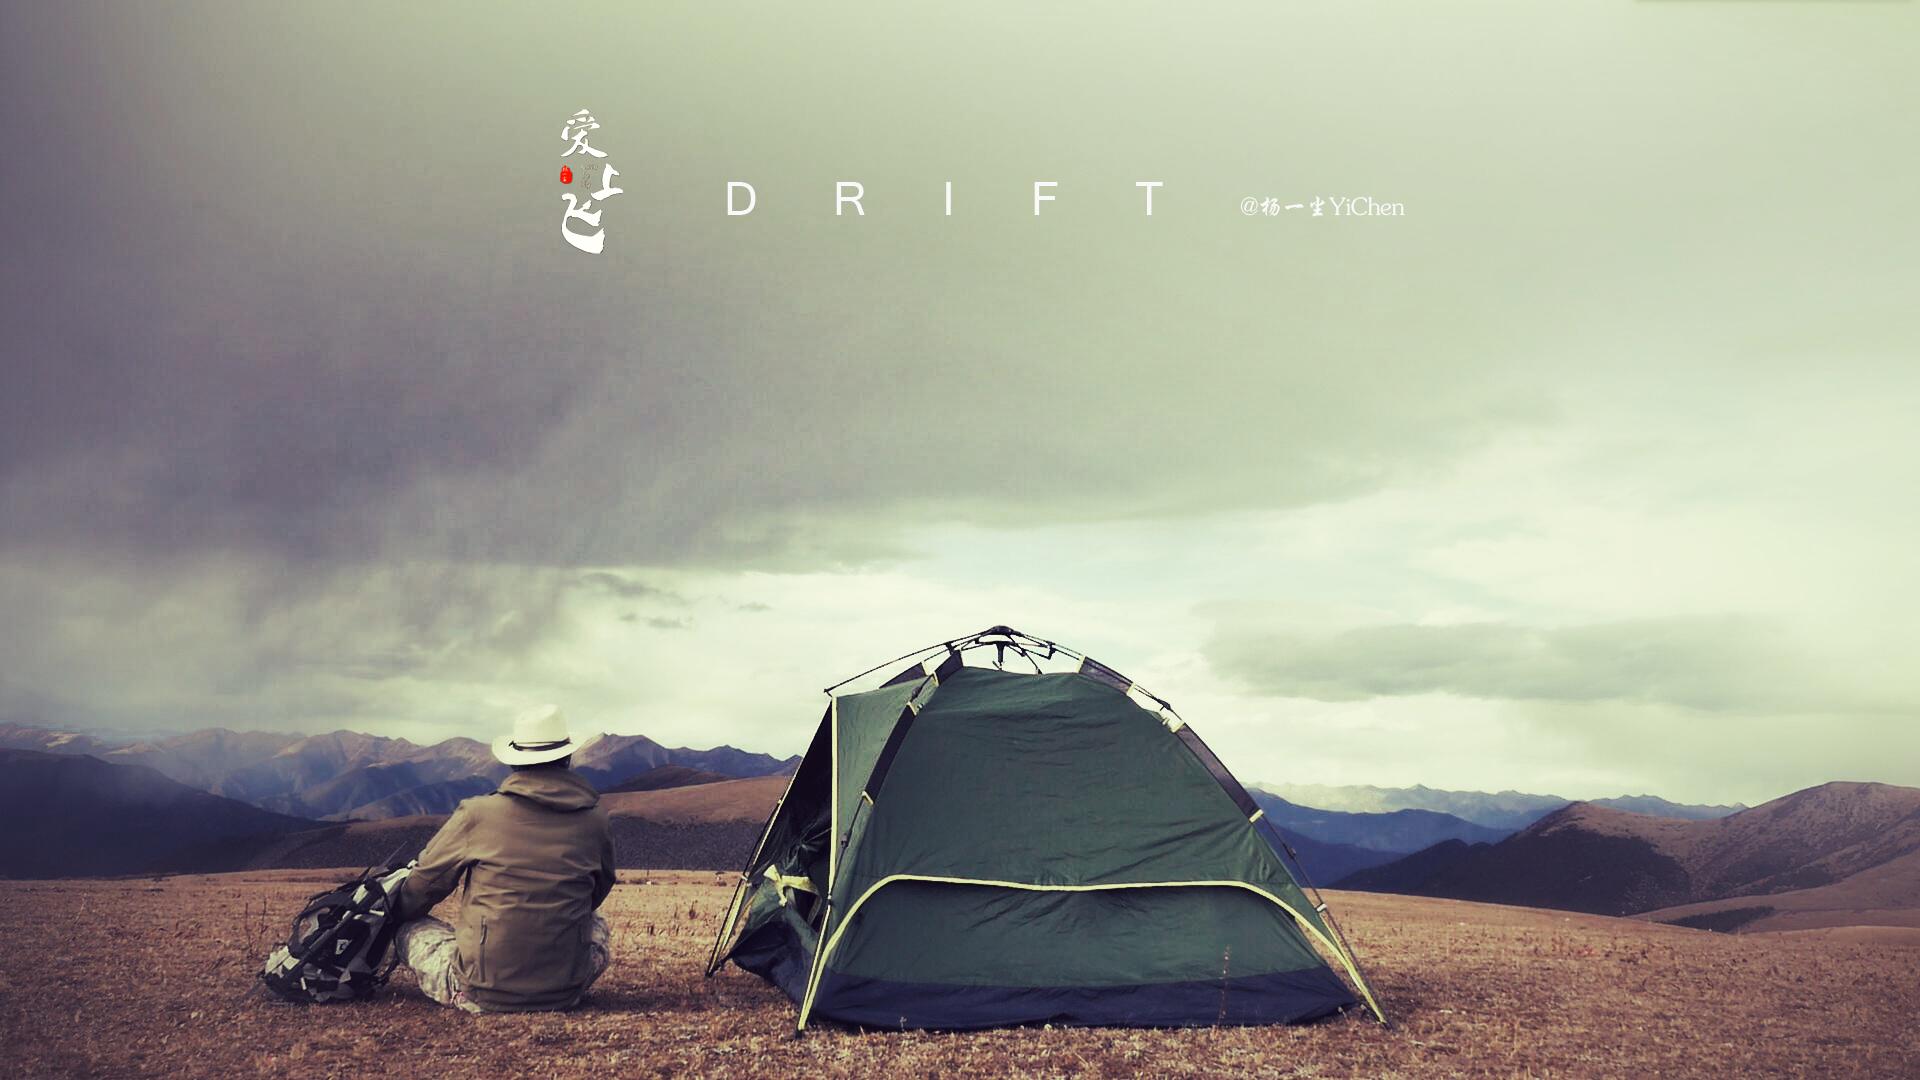 Drift与心一起流浪